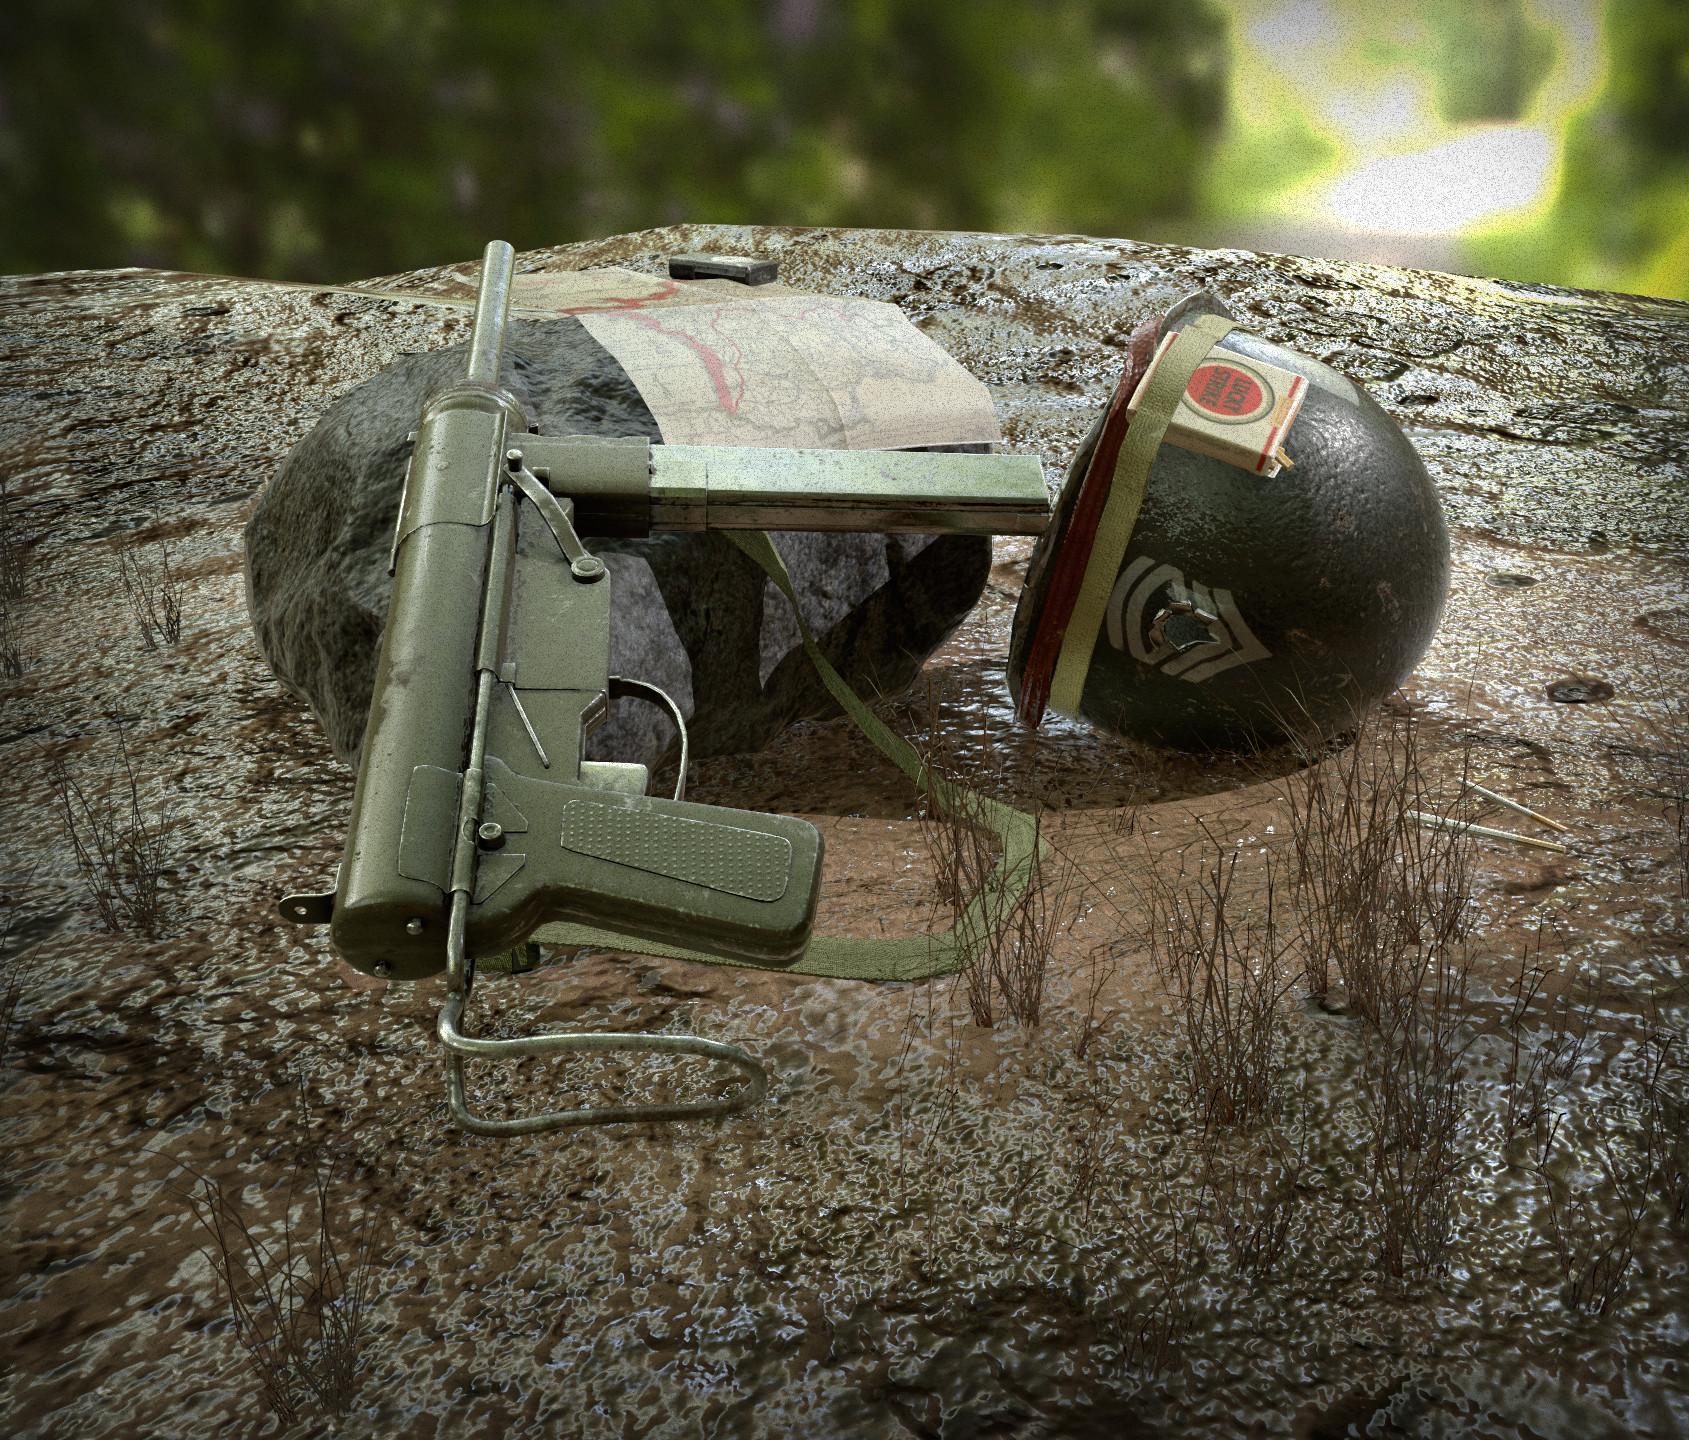 M3 Submachine Gun - Worn Texture